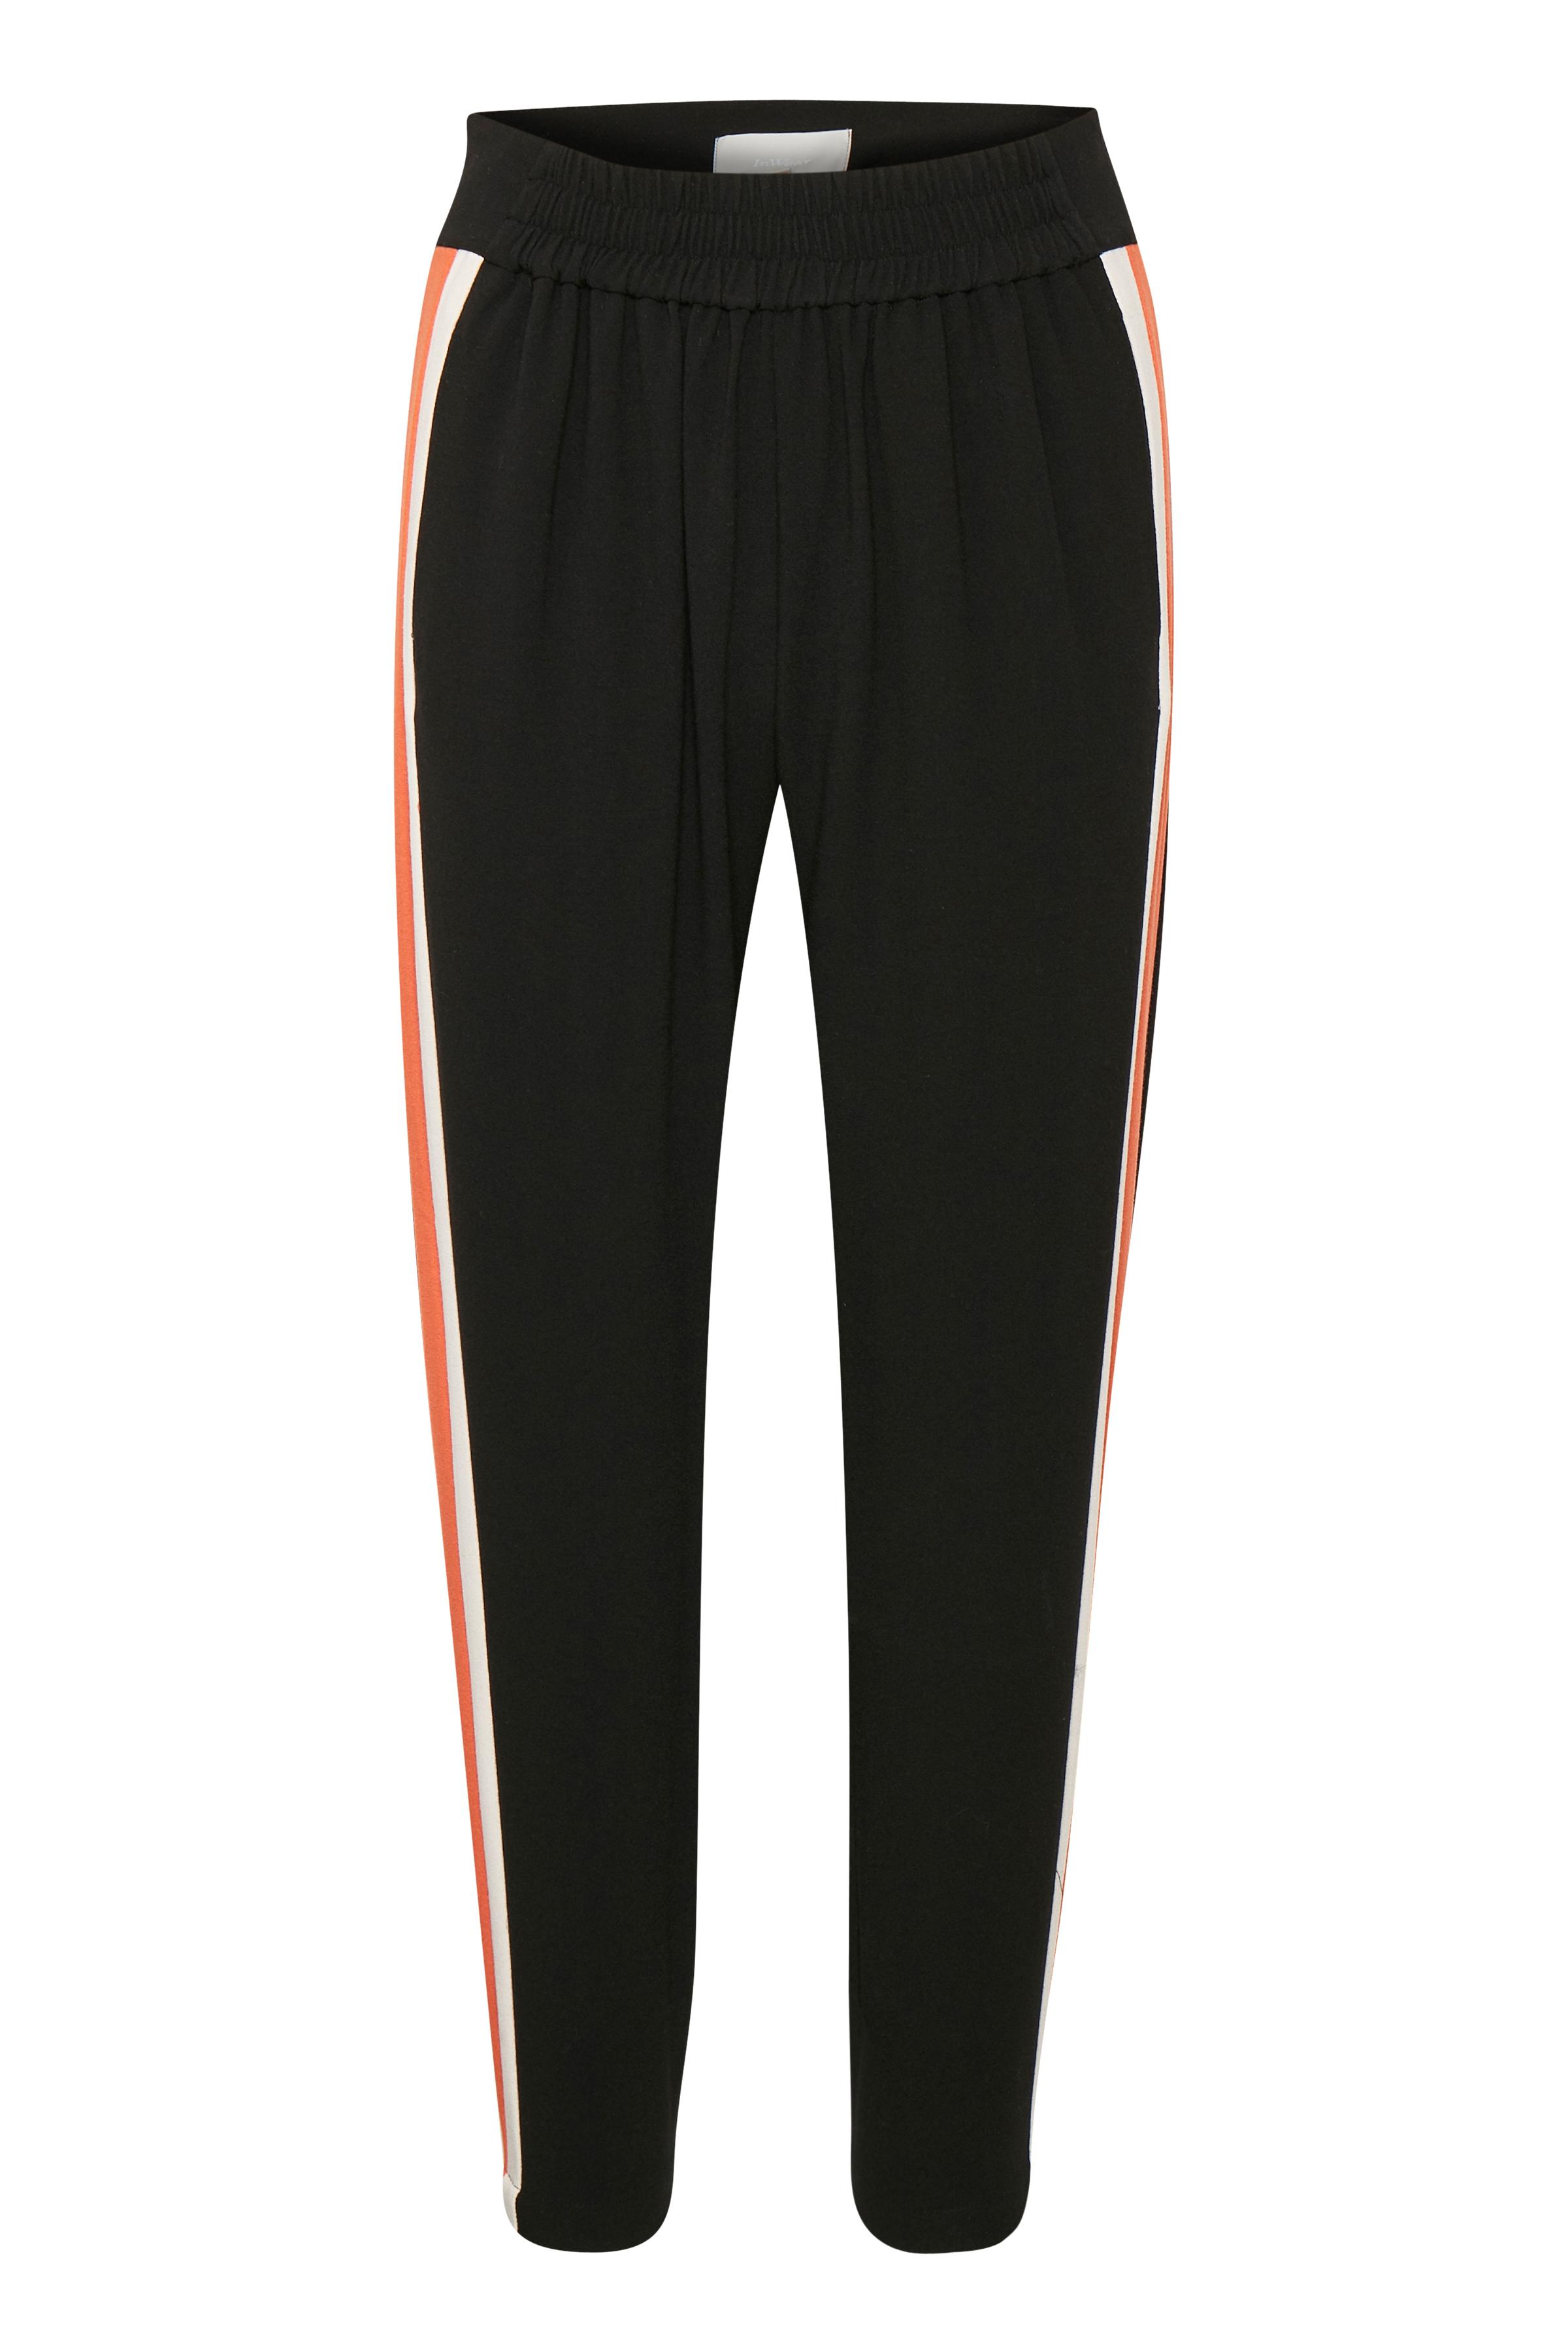 Black Pants Suiting – Køb Black Pants Suiting fra str. 32-42 her